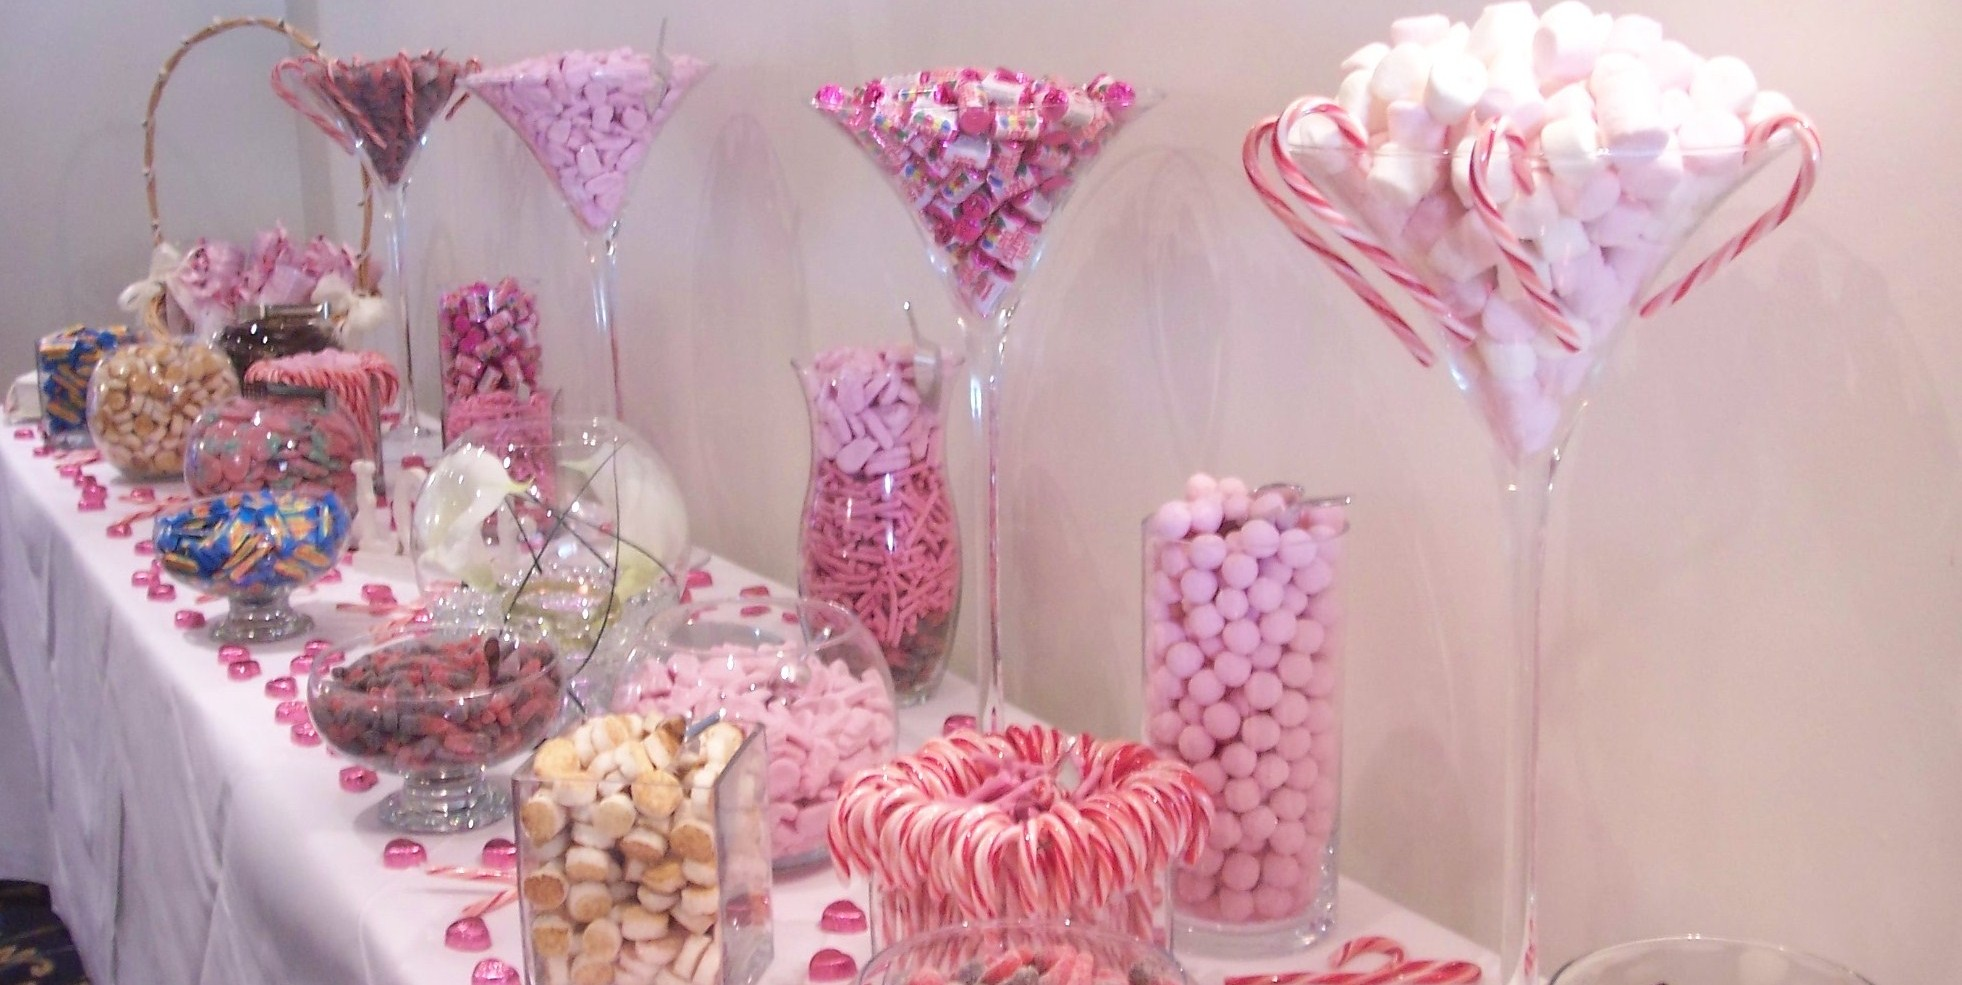 candy-bar-21feb10-21_0